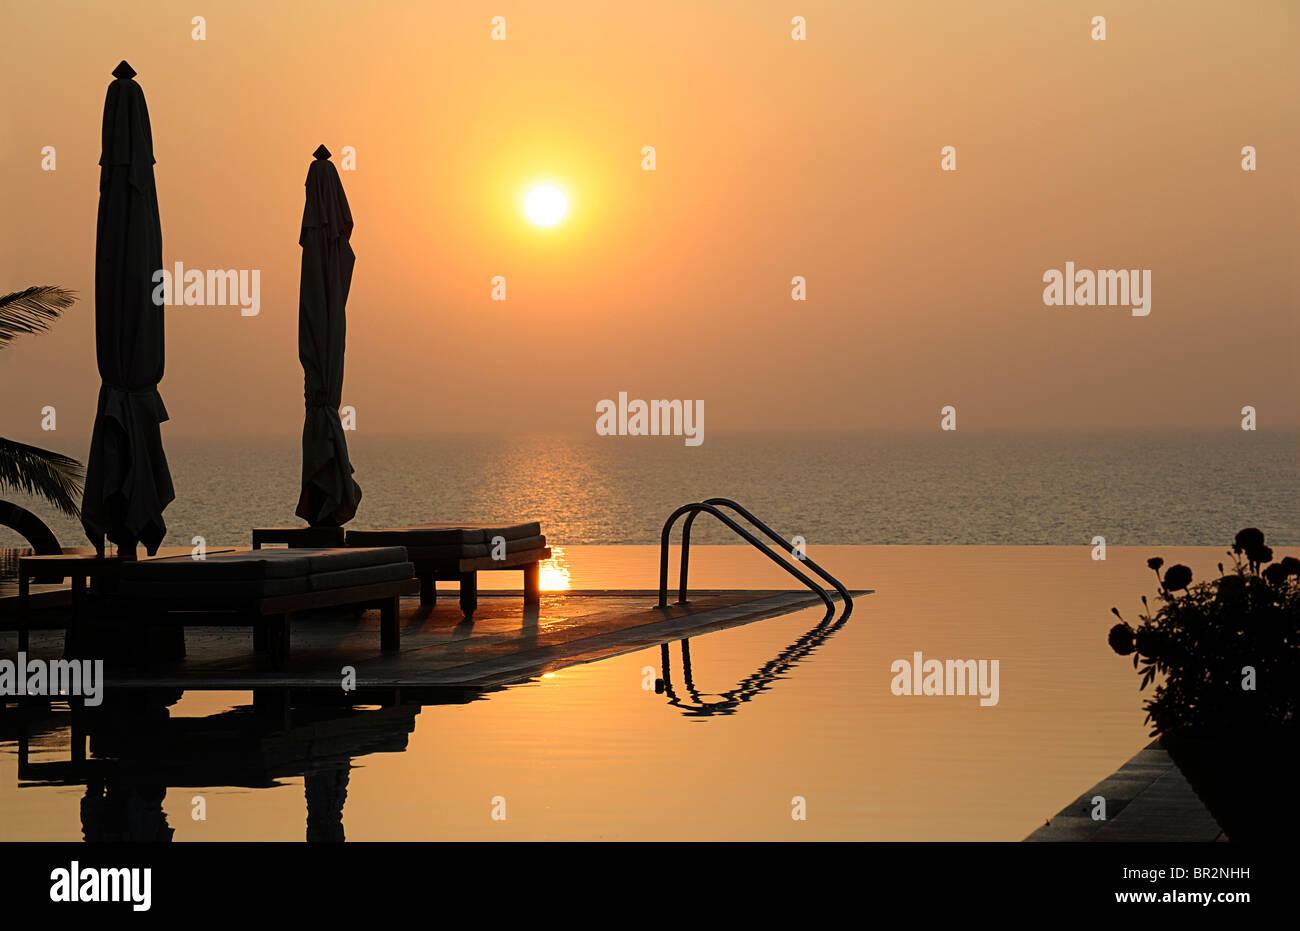 Piscine à débordement de l'hôtel au coucher du soleil, Kovalam, Kerala, Inde Photo Stock